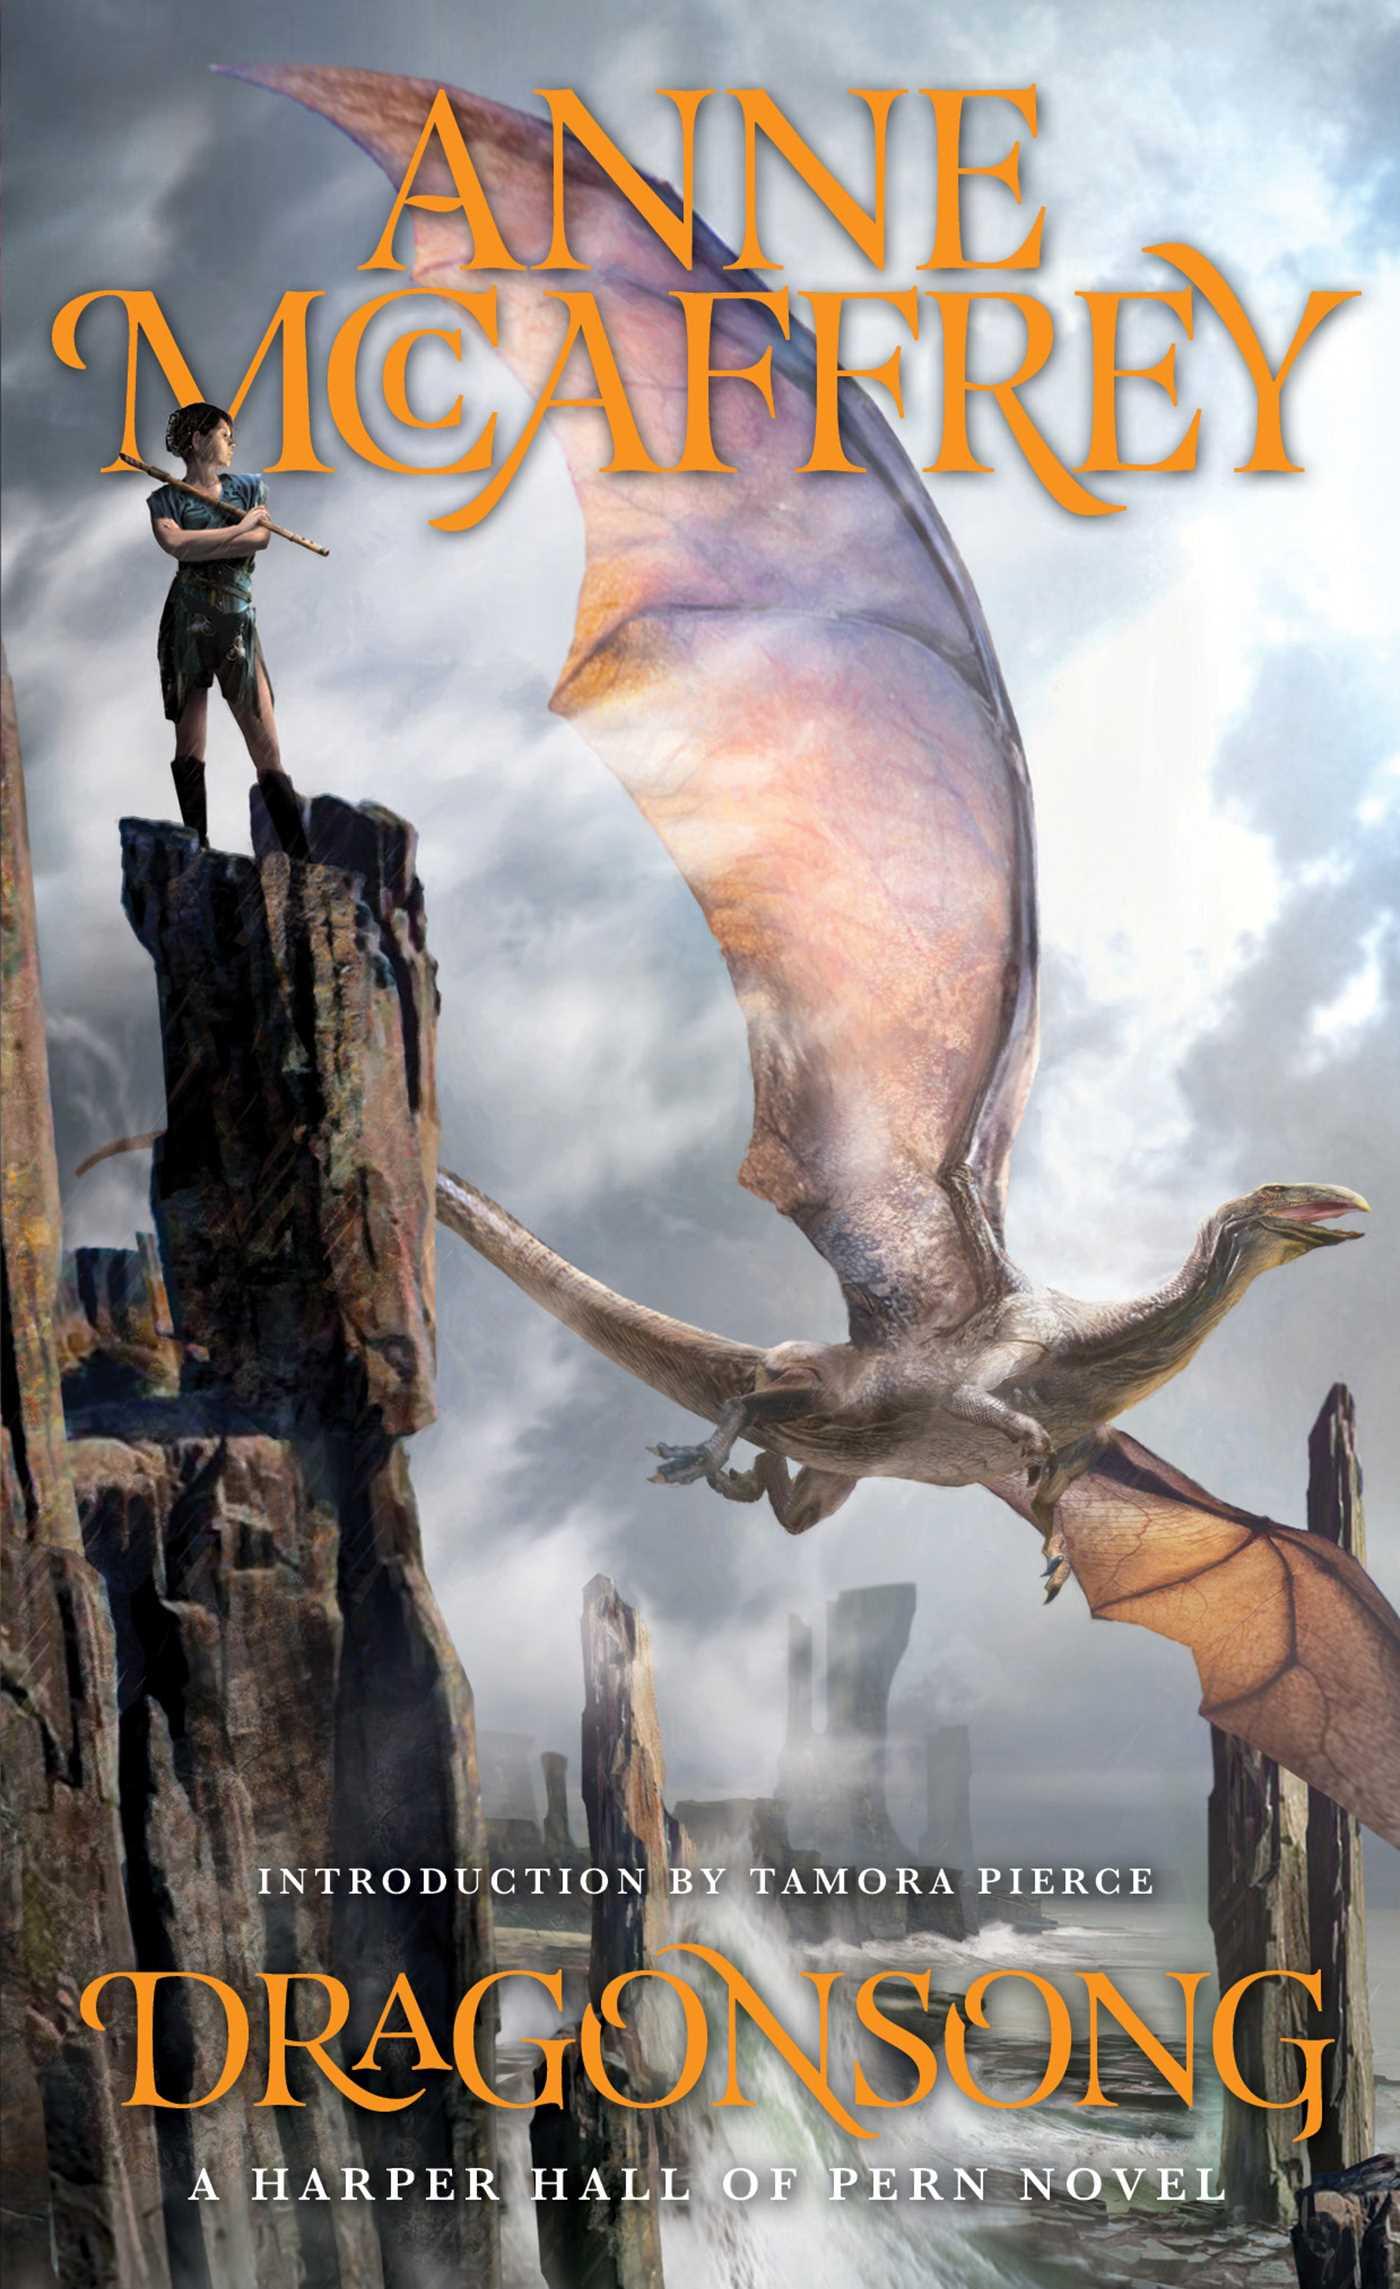 Dragonsong 9781481425803 hr